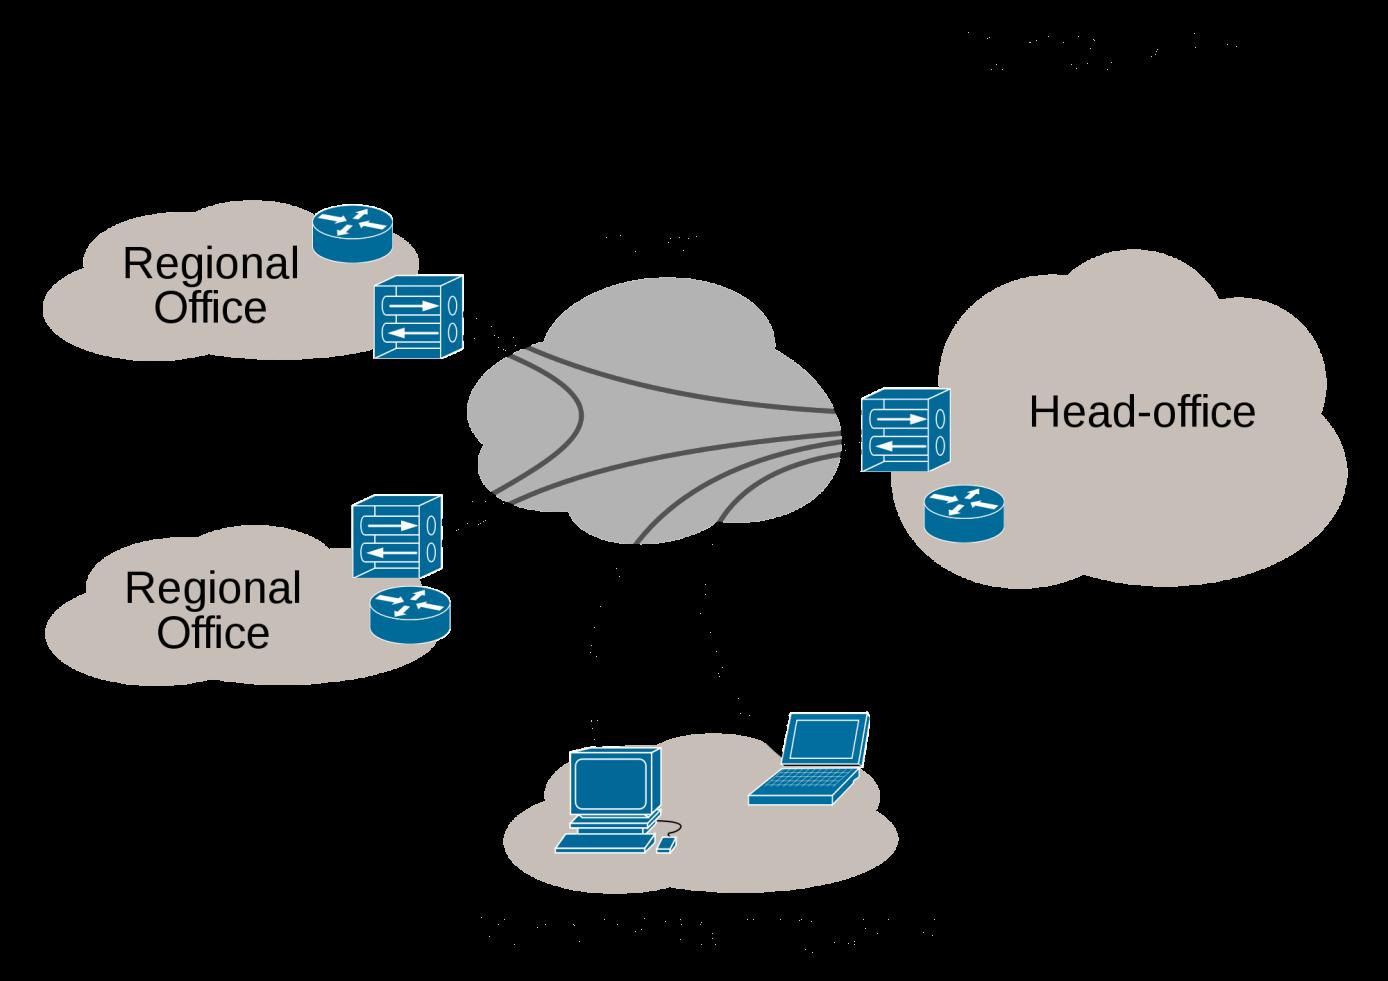 Tipos de redes informáticas  WAN, LAN, MAN y GAN - IONOS